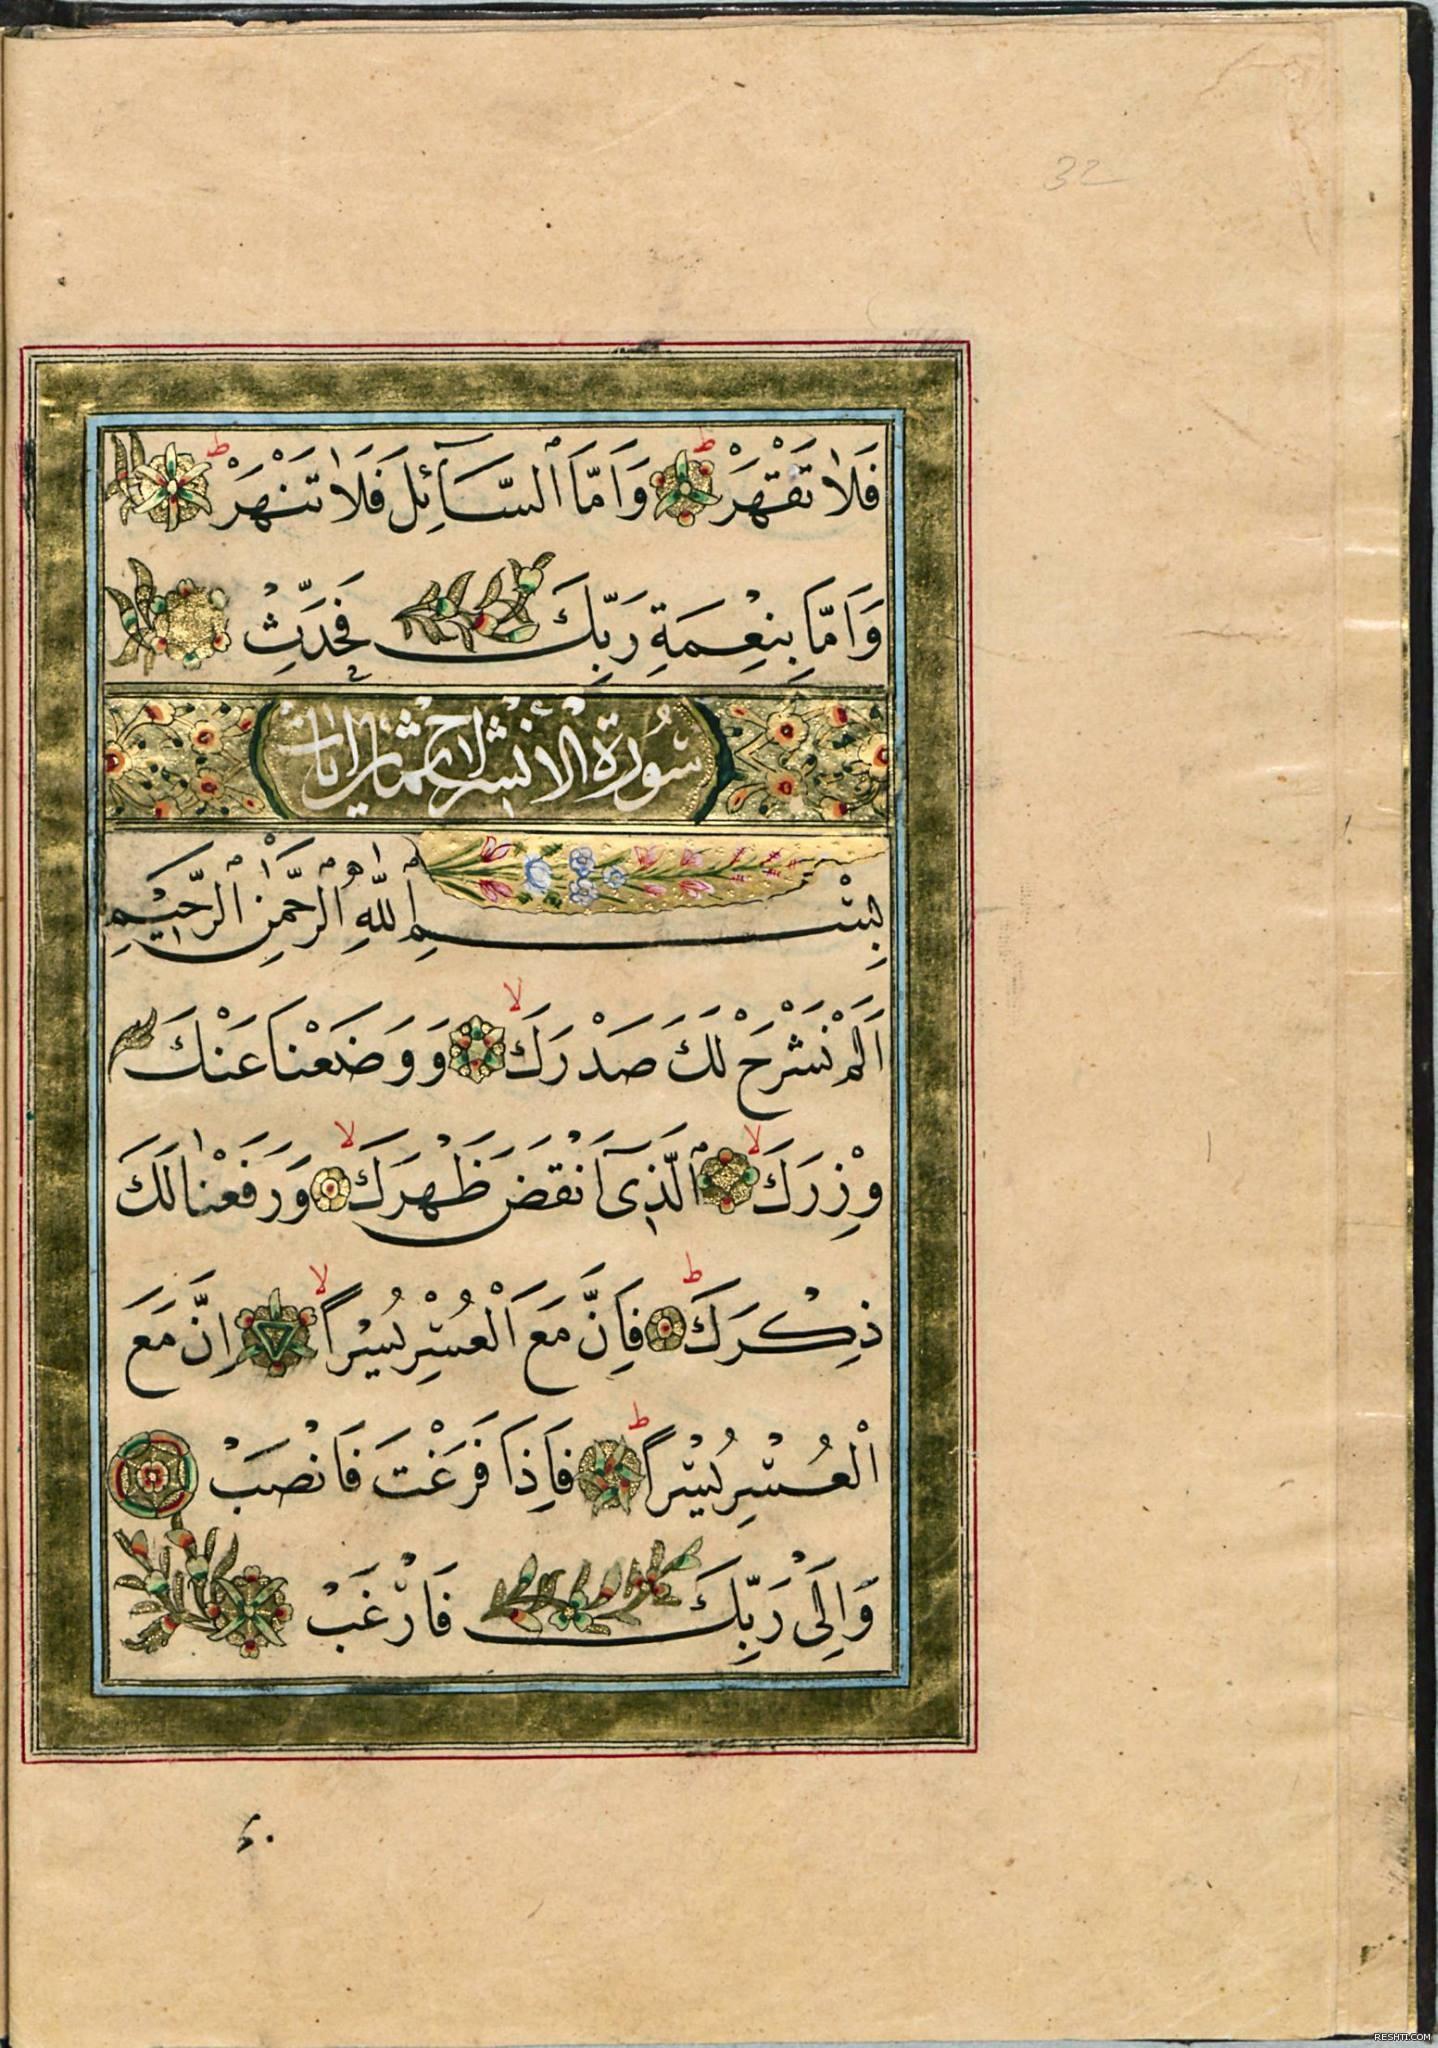 جزء عم لخطاط الحرم النبوي السيد عبد الله الزهدي التميمي 10